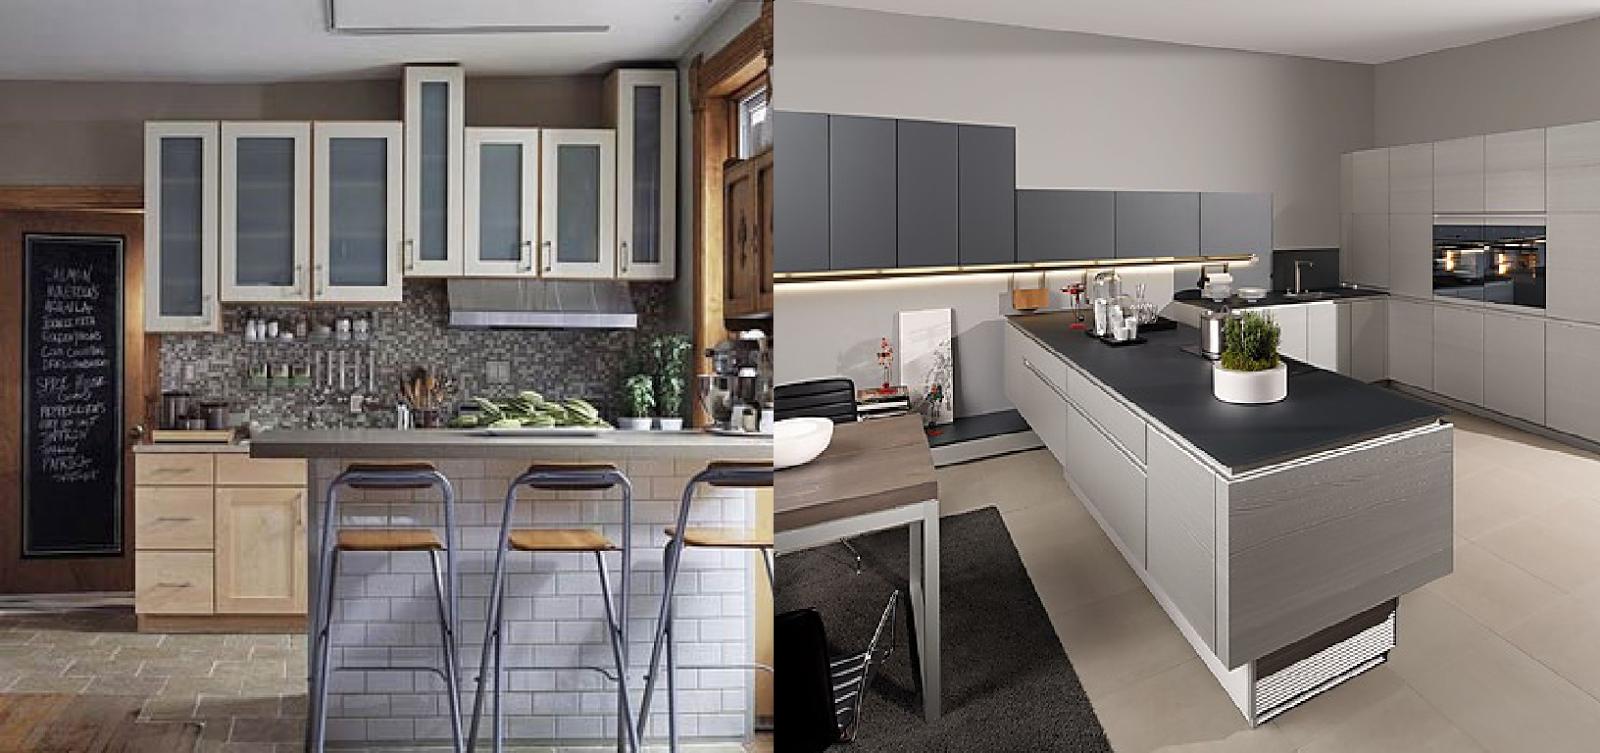 C mo elegir los colores de tu cocina casas ideas - Pared cocina pintada ...